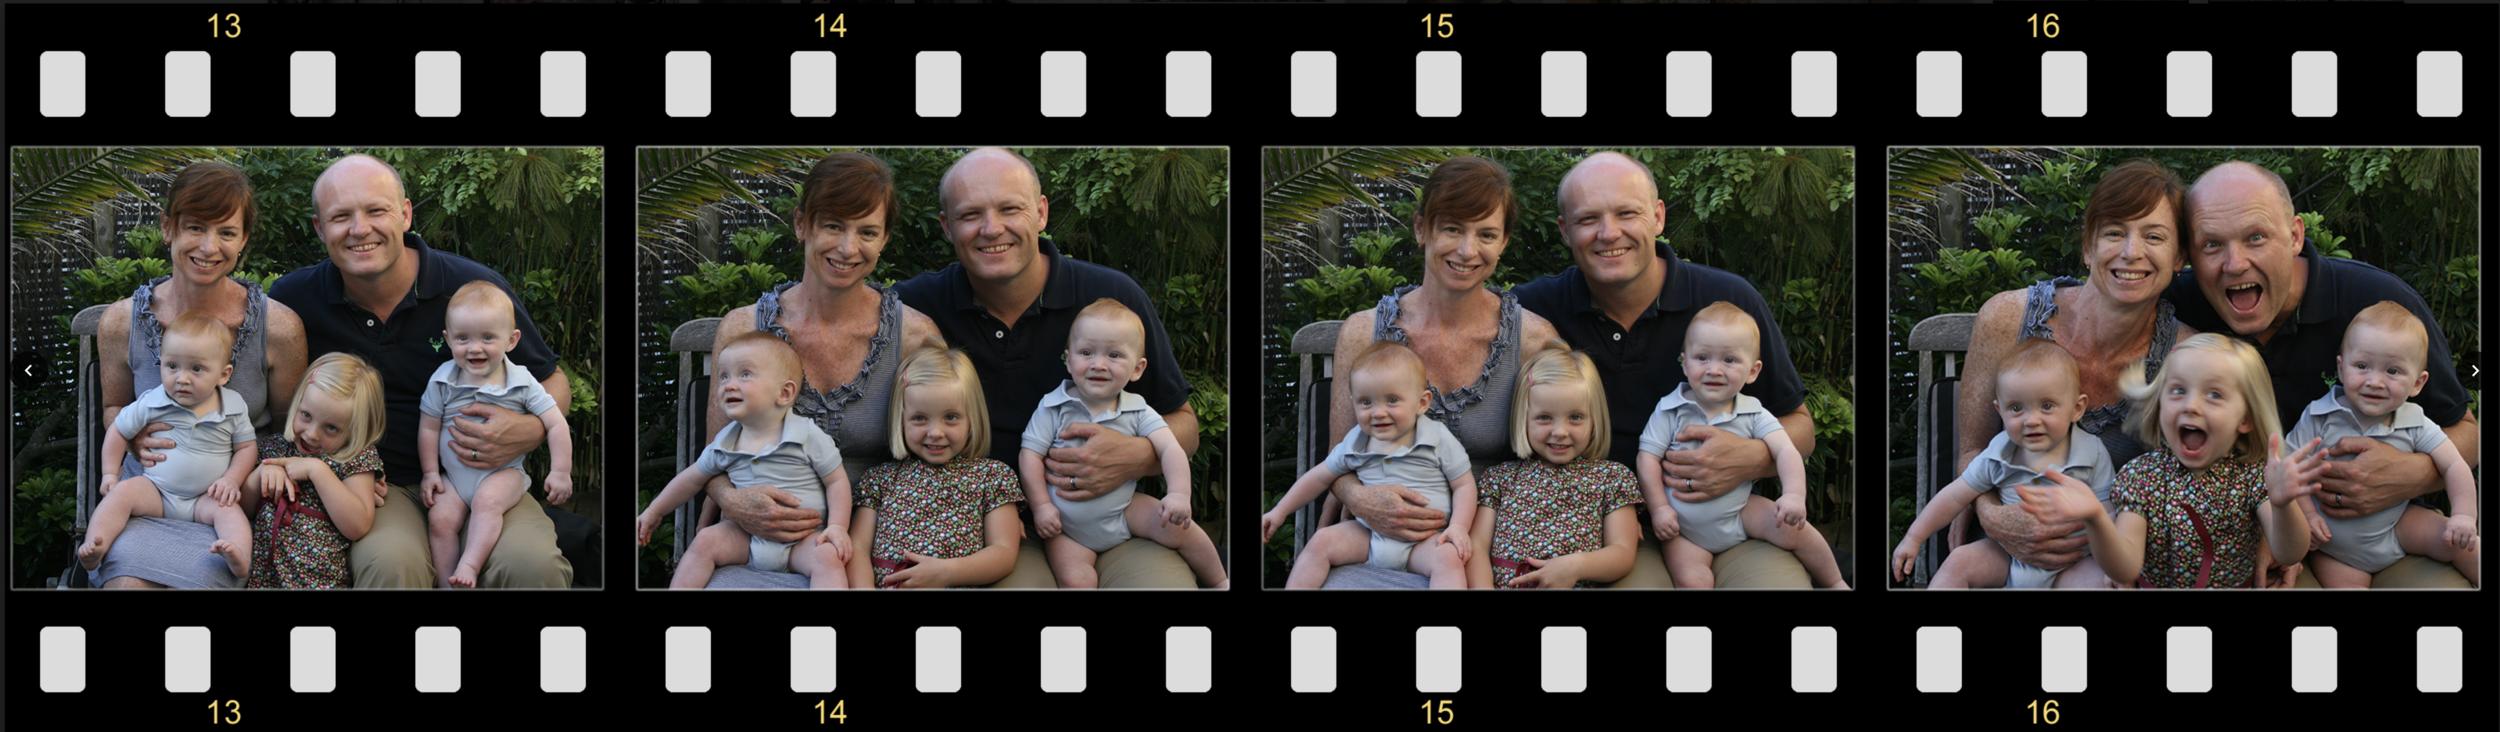 Our crazy family!